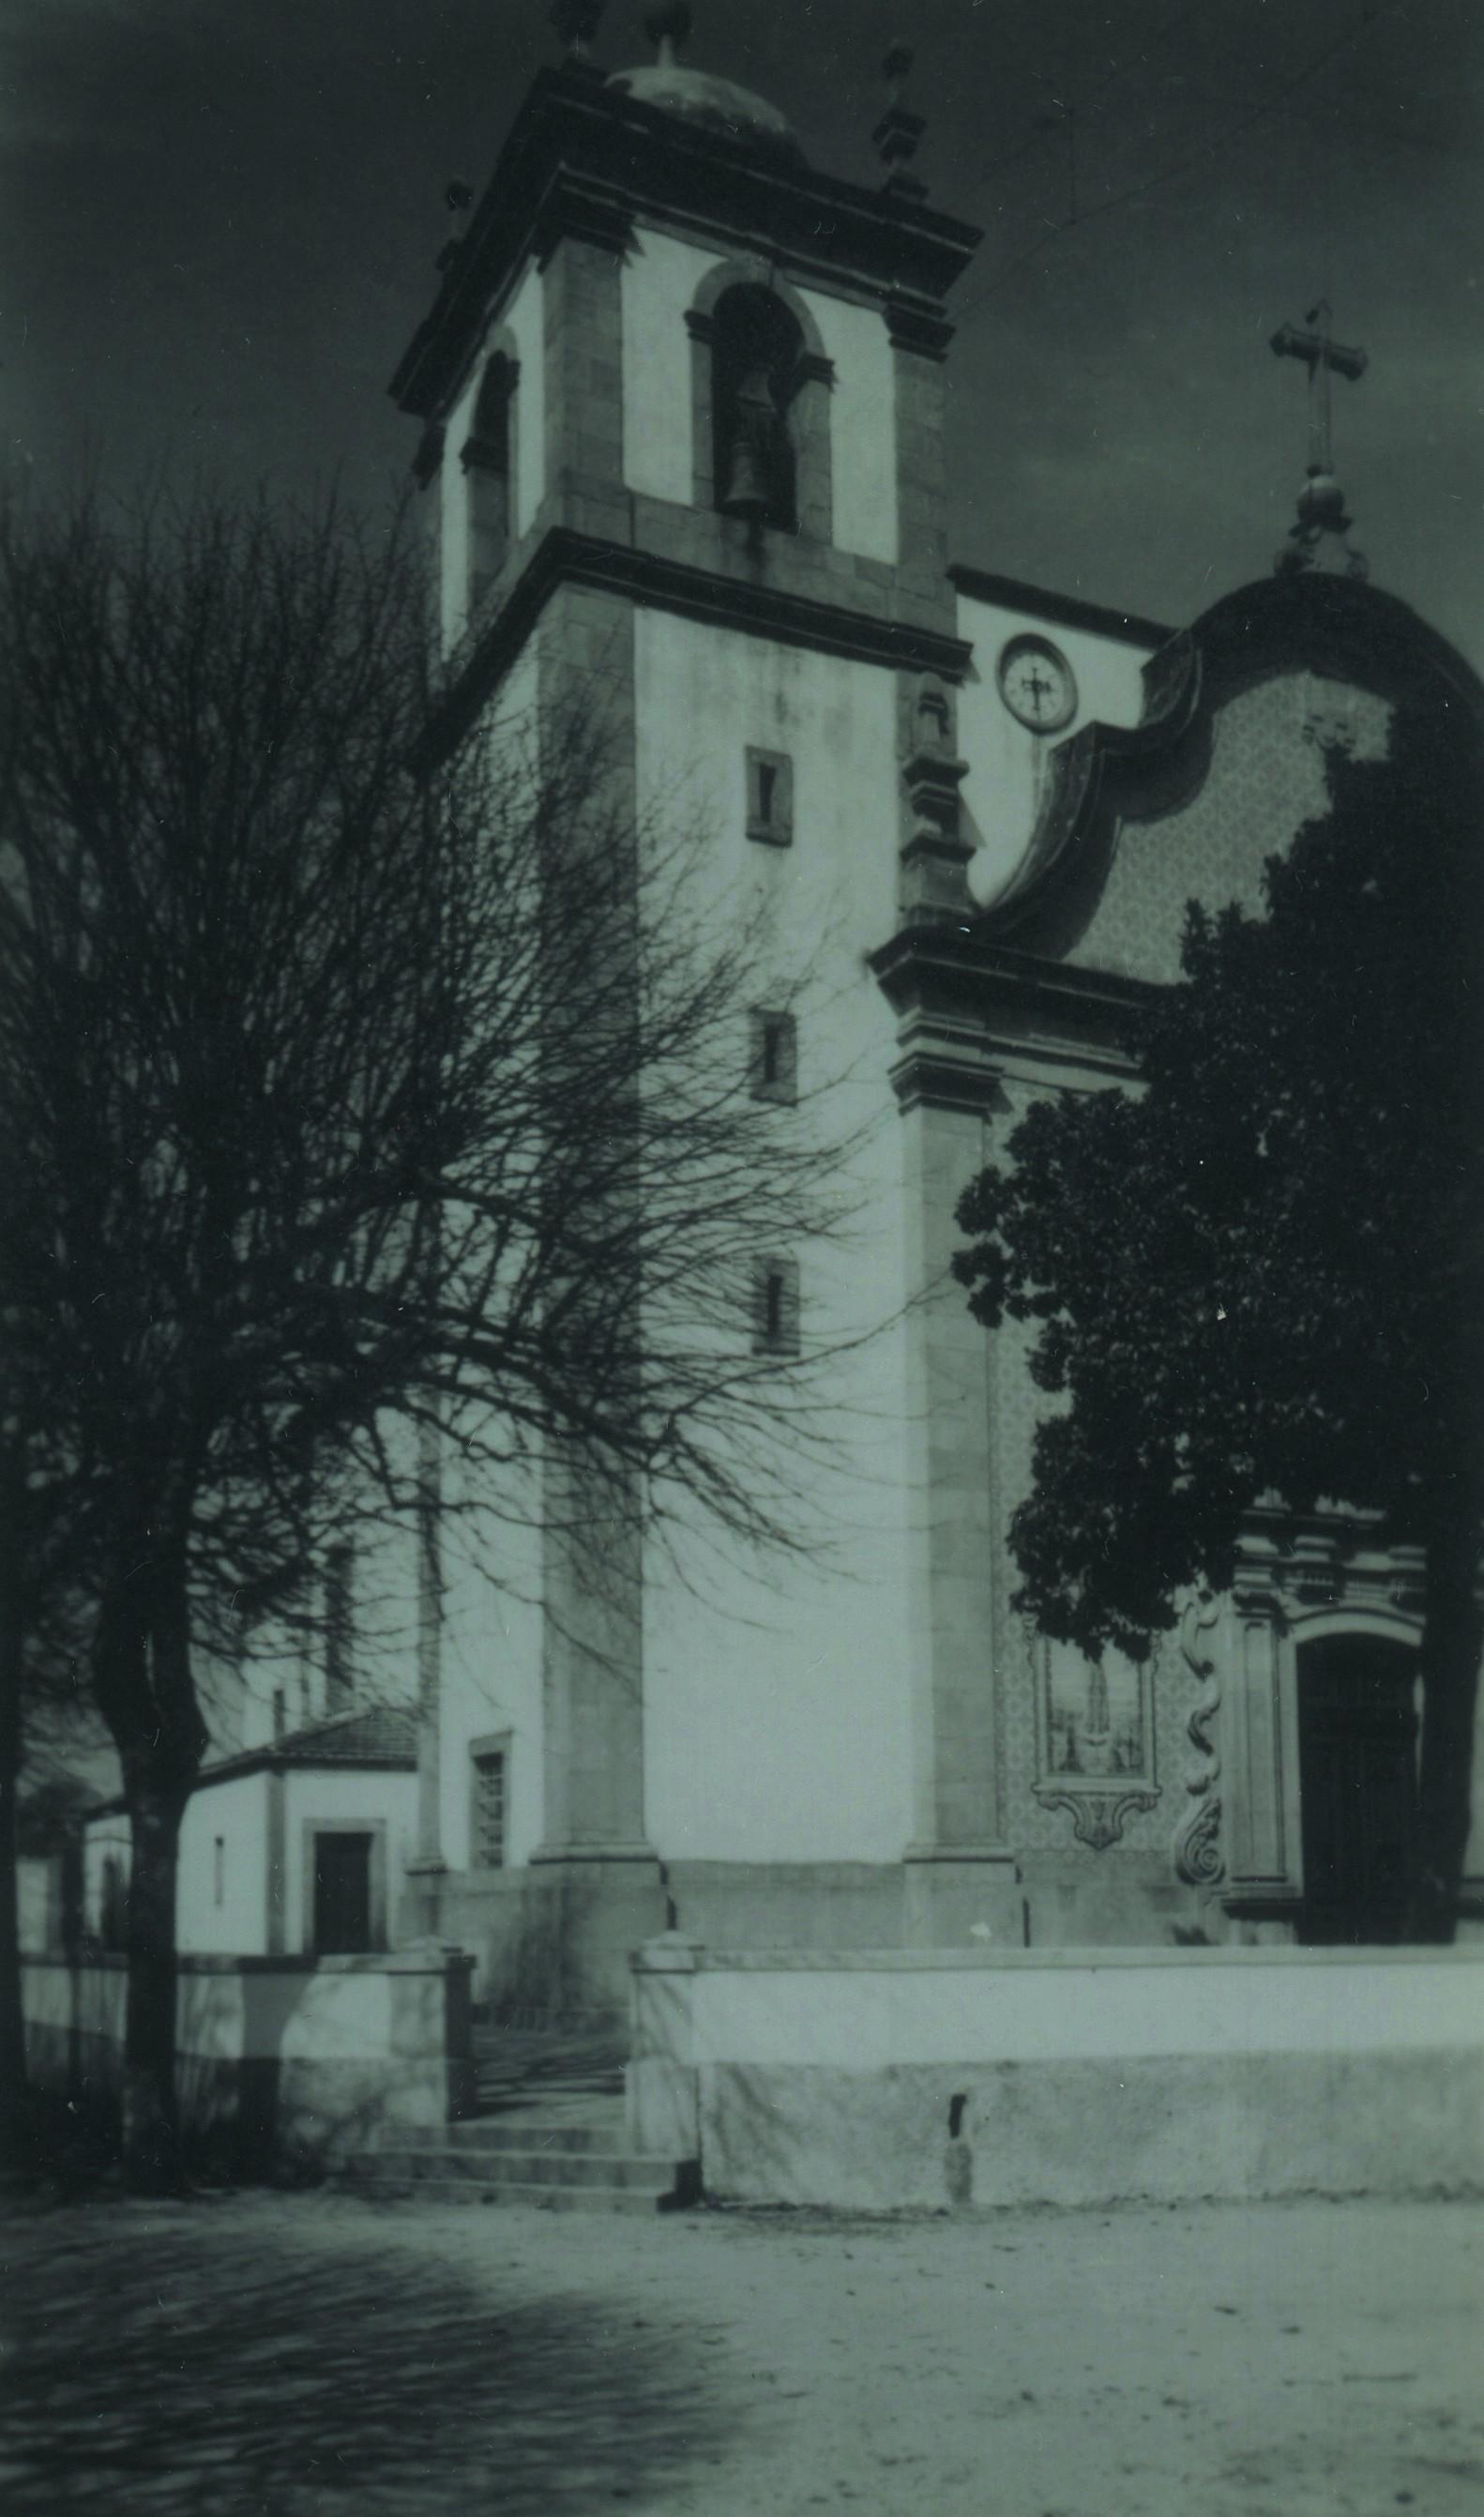 Igreja matriz de S. Martinho da Gândara (Anos 60)